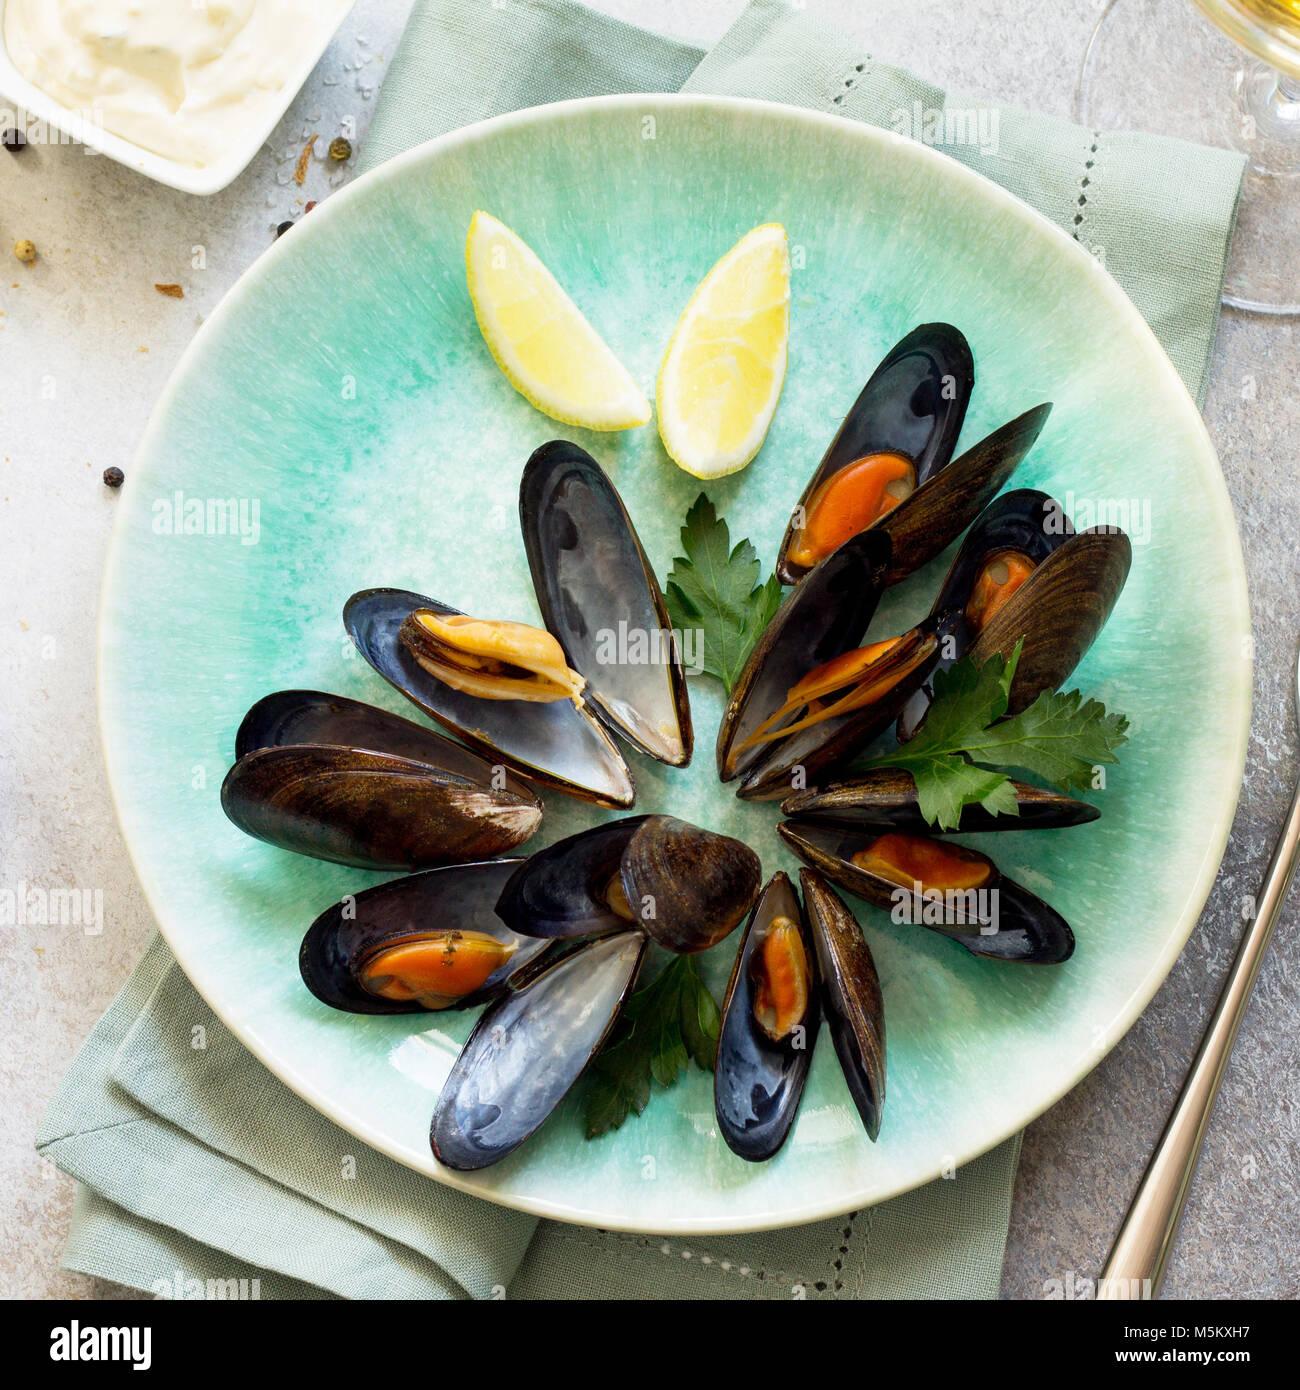 Still Life, la cena en el restaurante. hervidos en salsa de vino blanco con un vaso de vino blanco, pan blanco tostado, Foto de stock